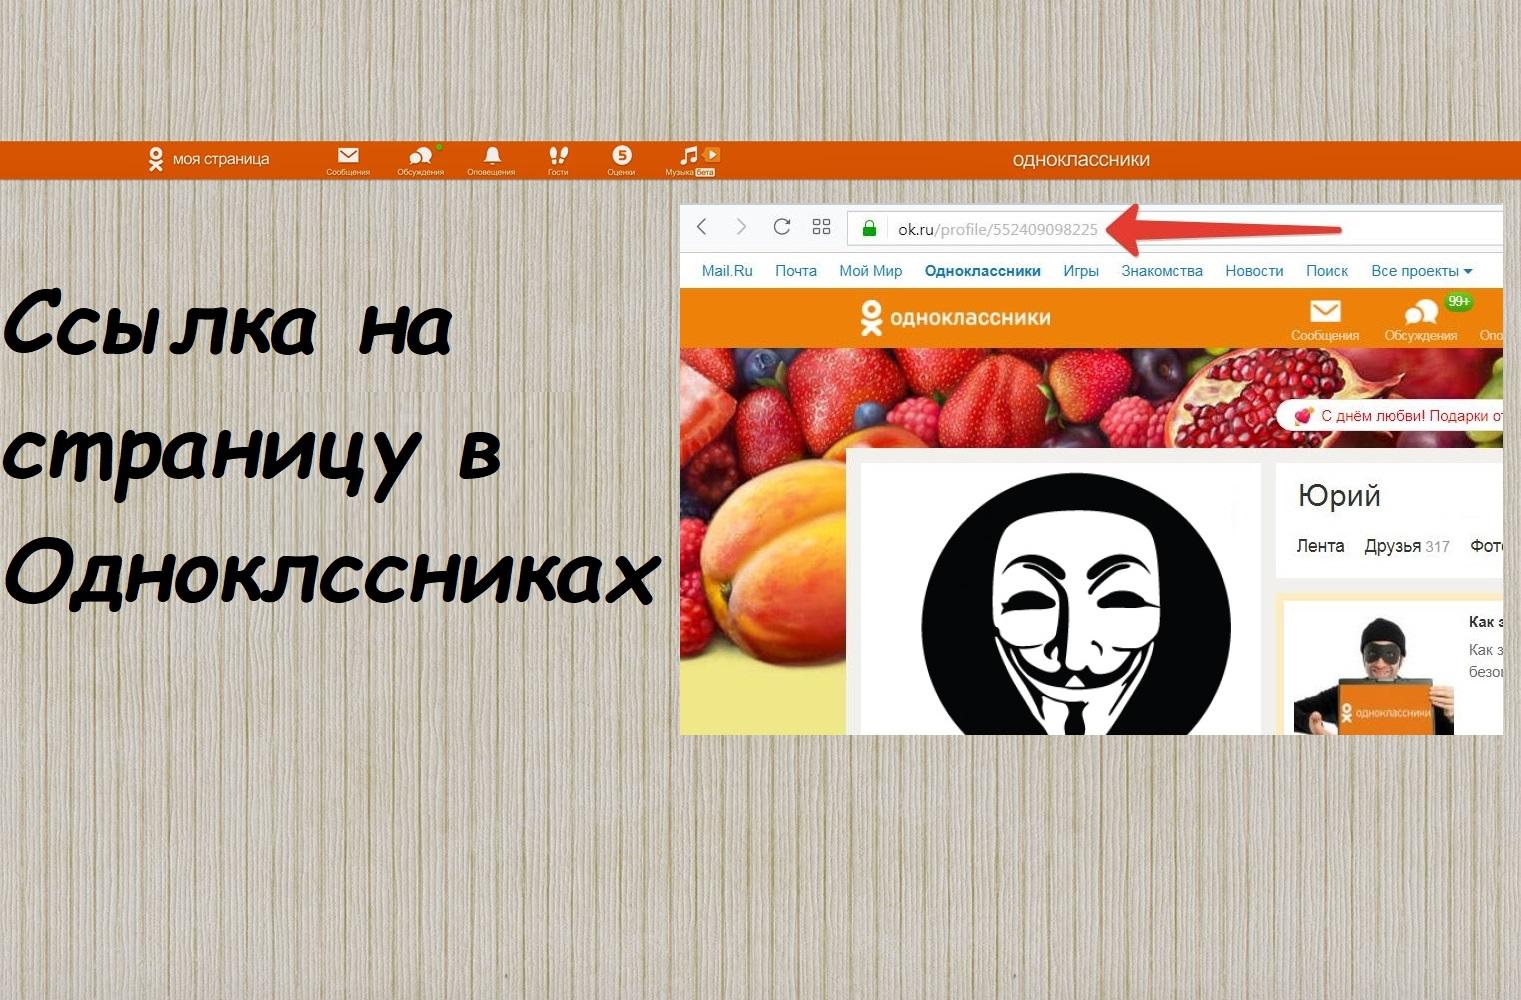 Как узнать адрес страницы в Одноклассниках